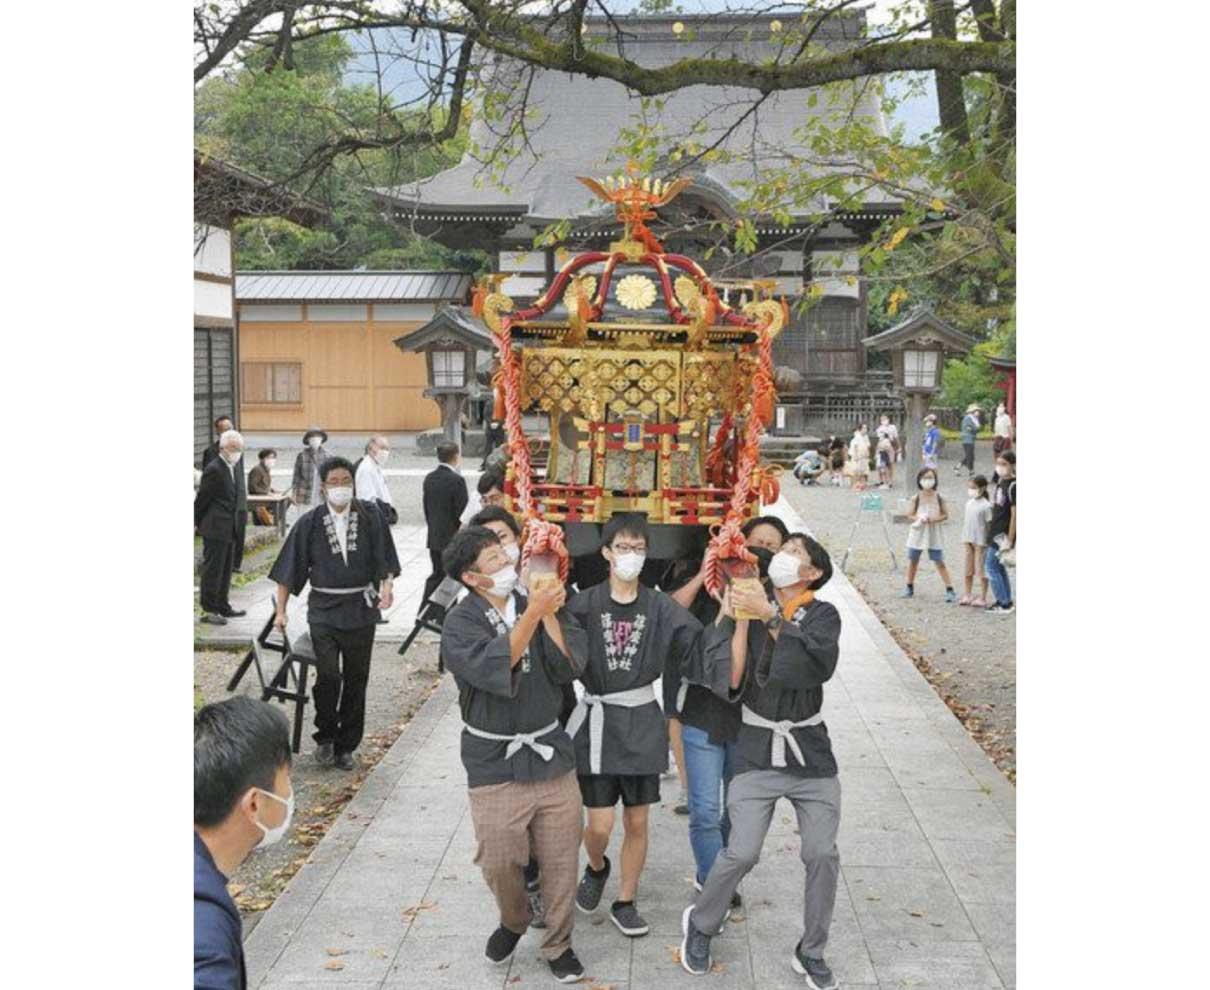 60年以上経て 本神輿を担ぐ 大野・篠座神社若者らフェスで